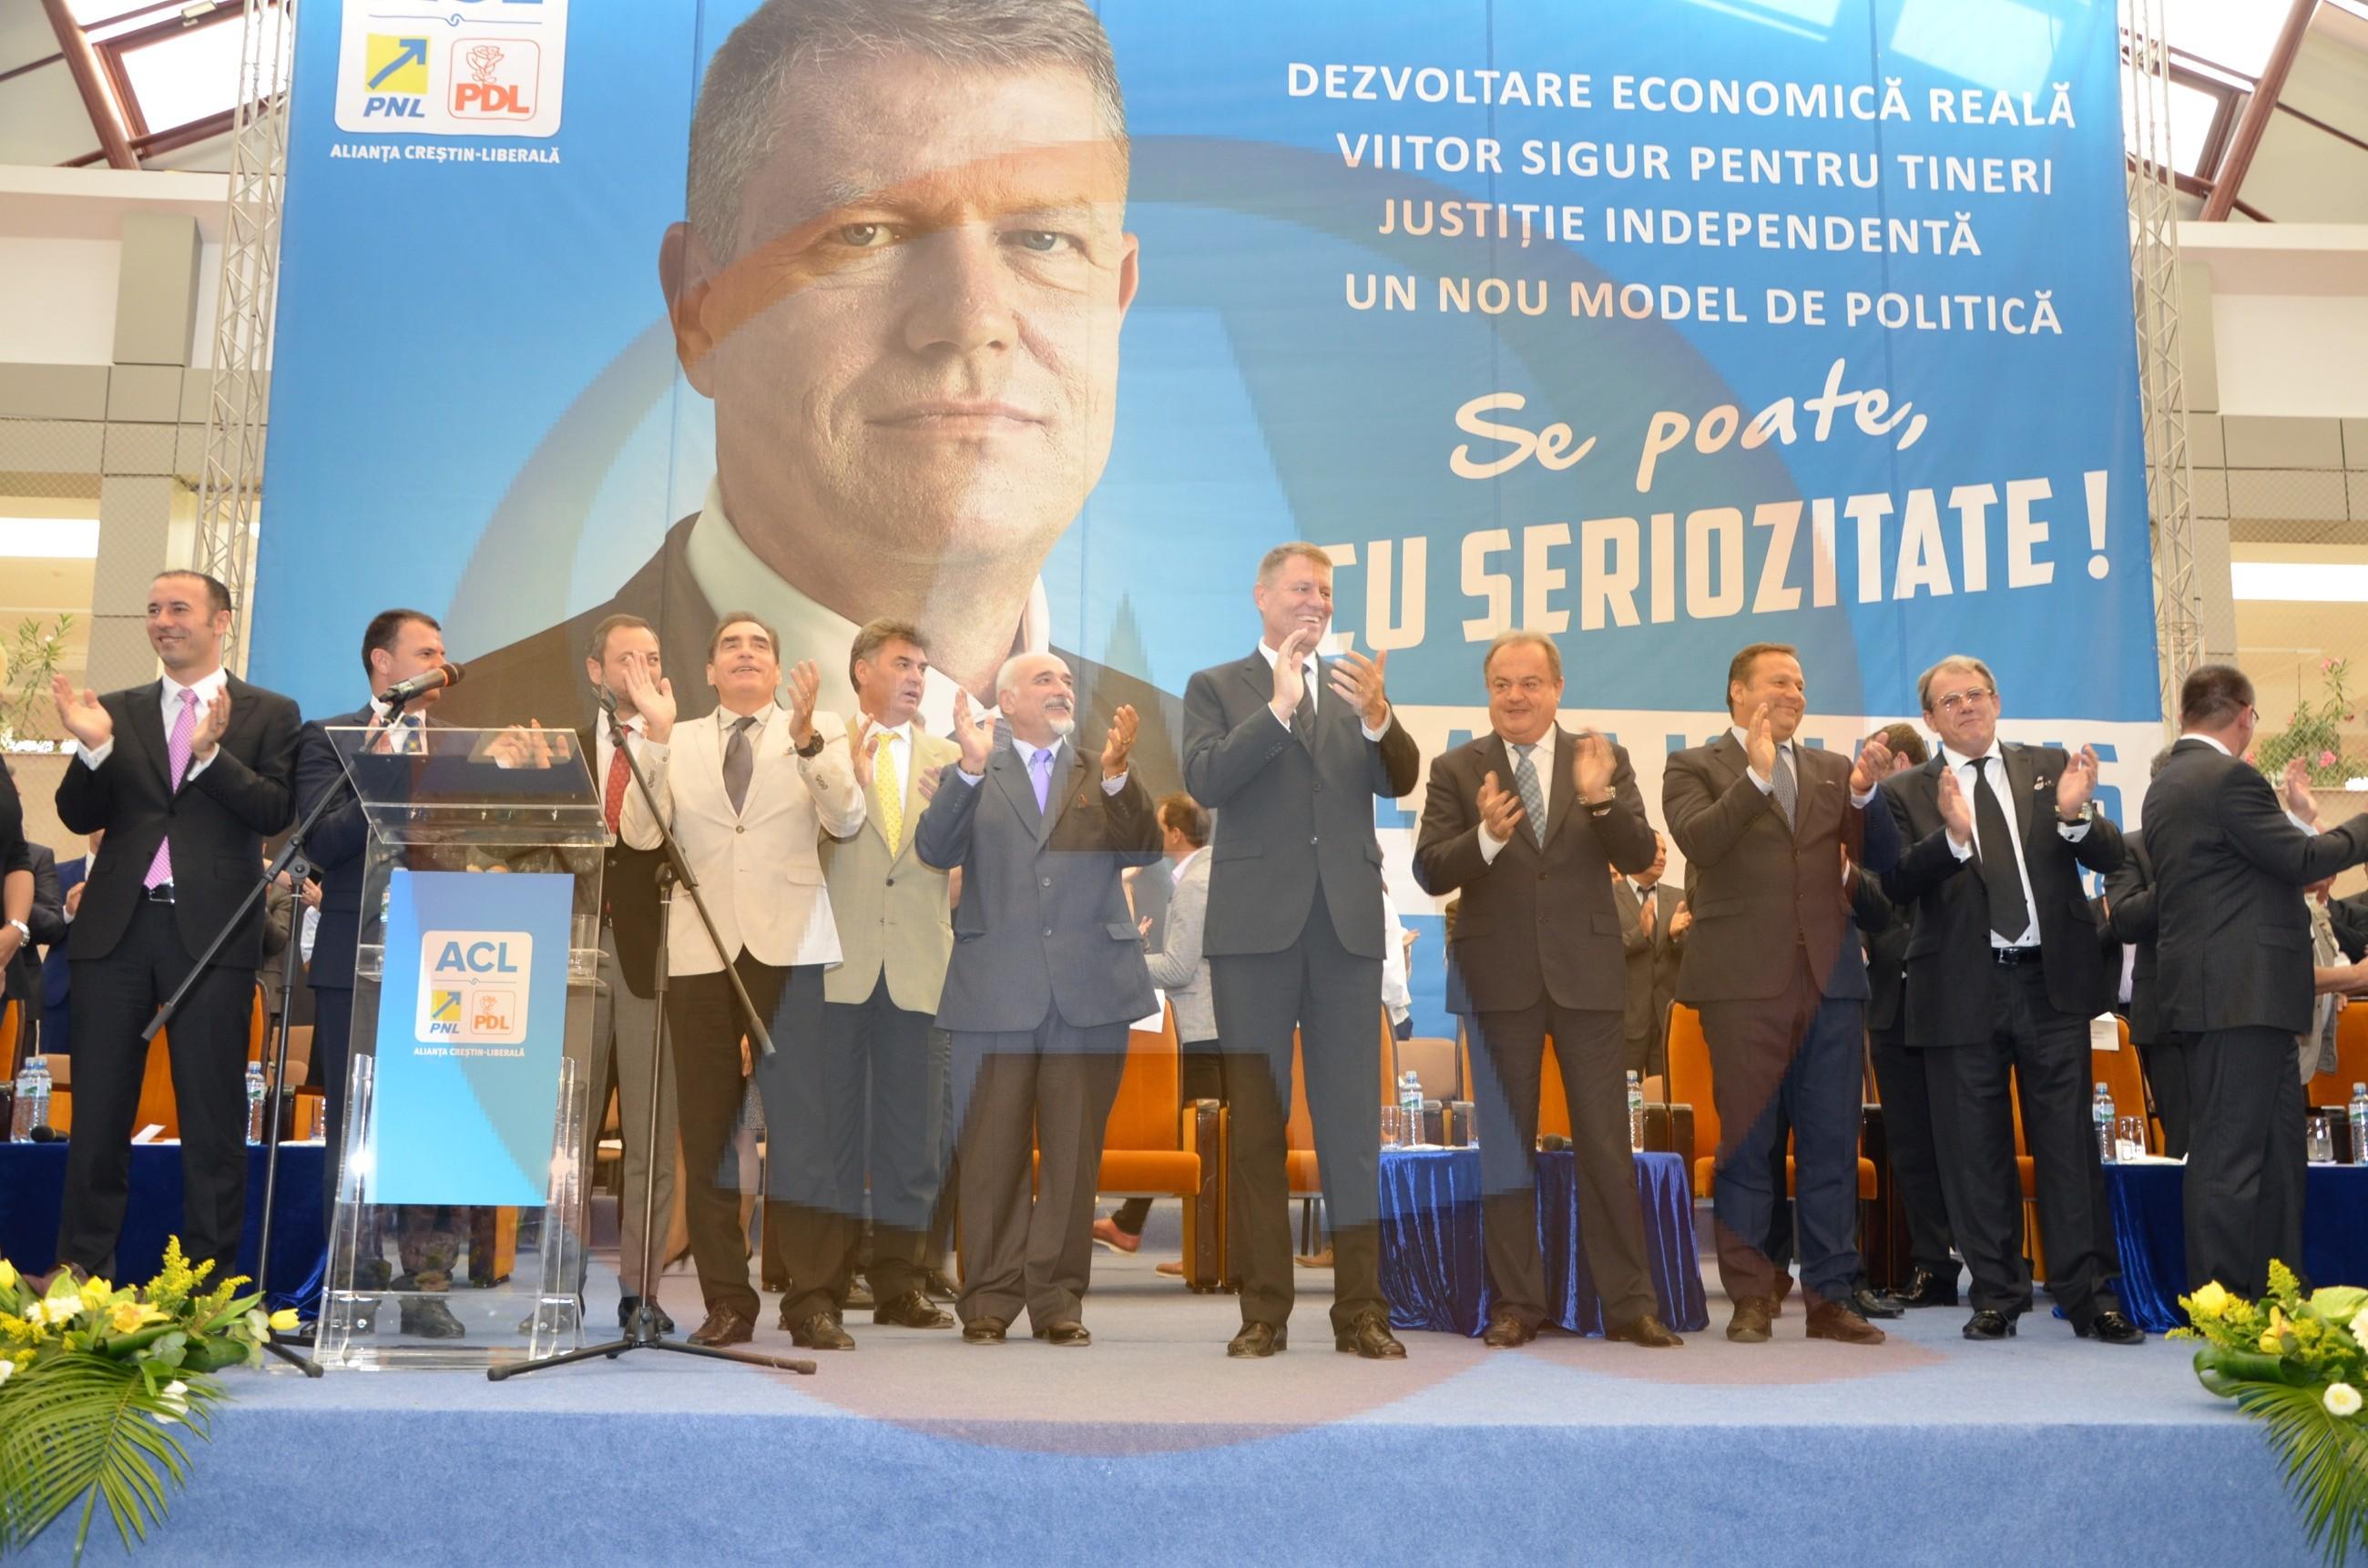 Klaus Iohannis şi-a lansat candidatura la preşedinţia României, la Călăraşi